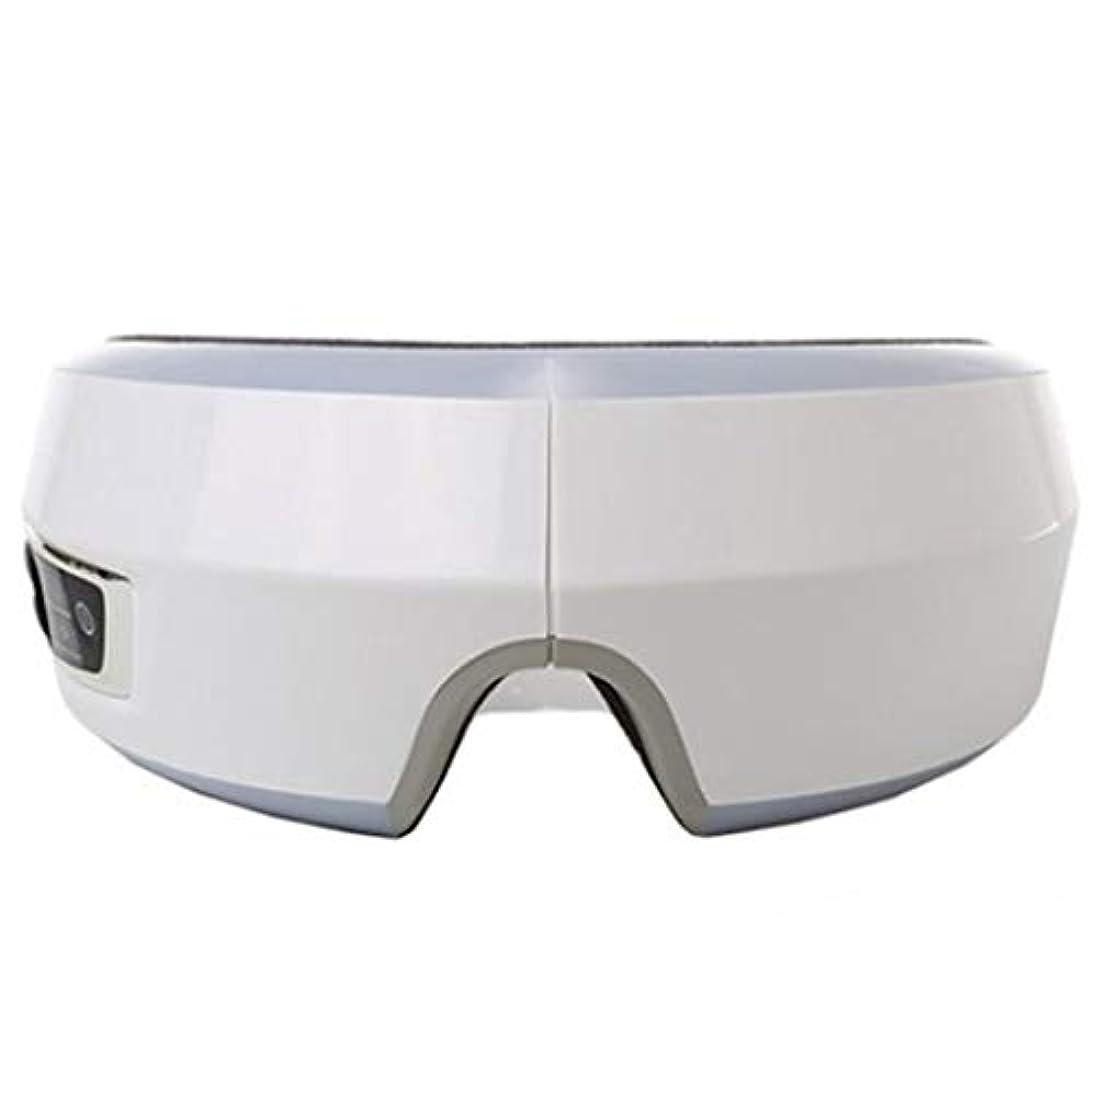 グリース矢印パンサーZESPAアイヒーリングソリューションアイマッサージャー振動加熱マッサージ音楽機能ZP441 ZESPA Eye Healing Solution Eye Massager Vibration Heating Massage...